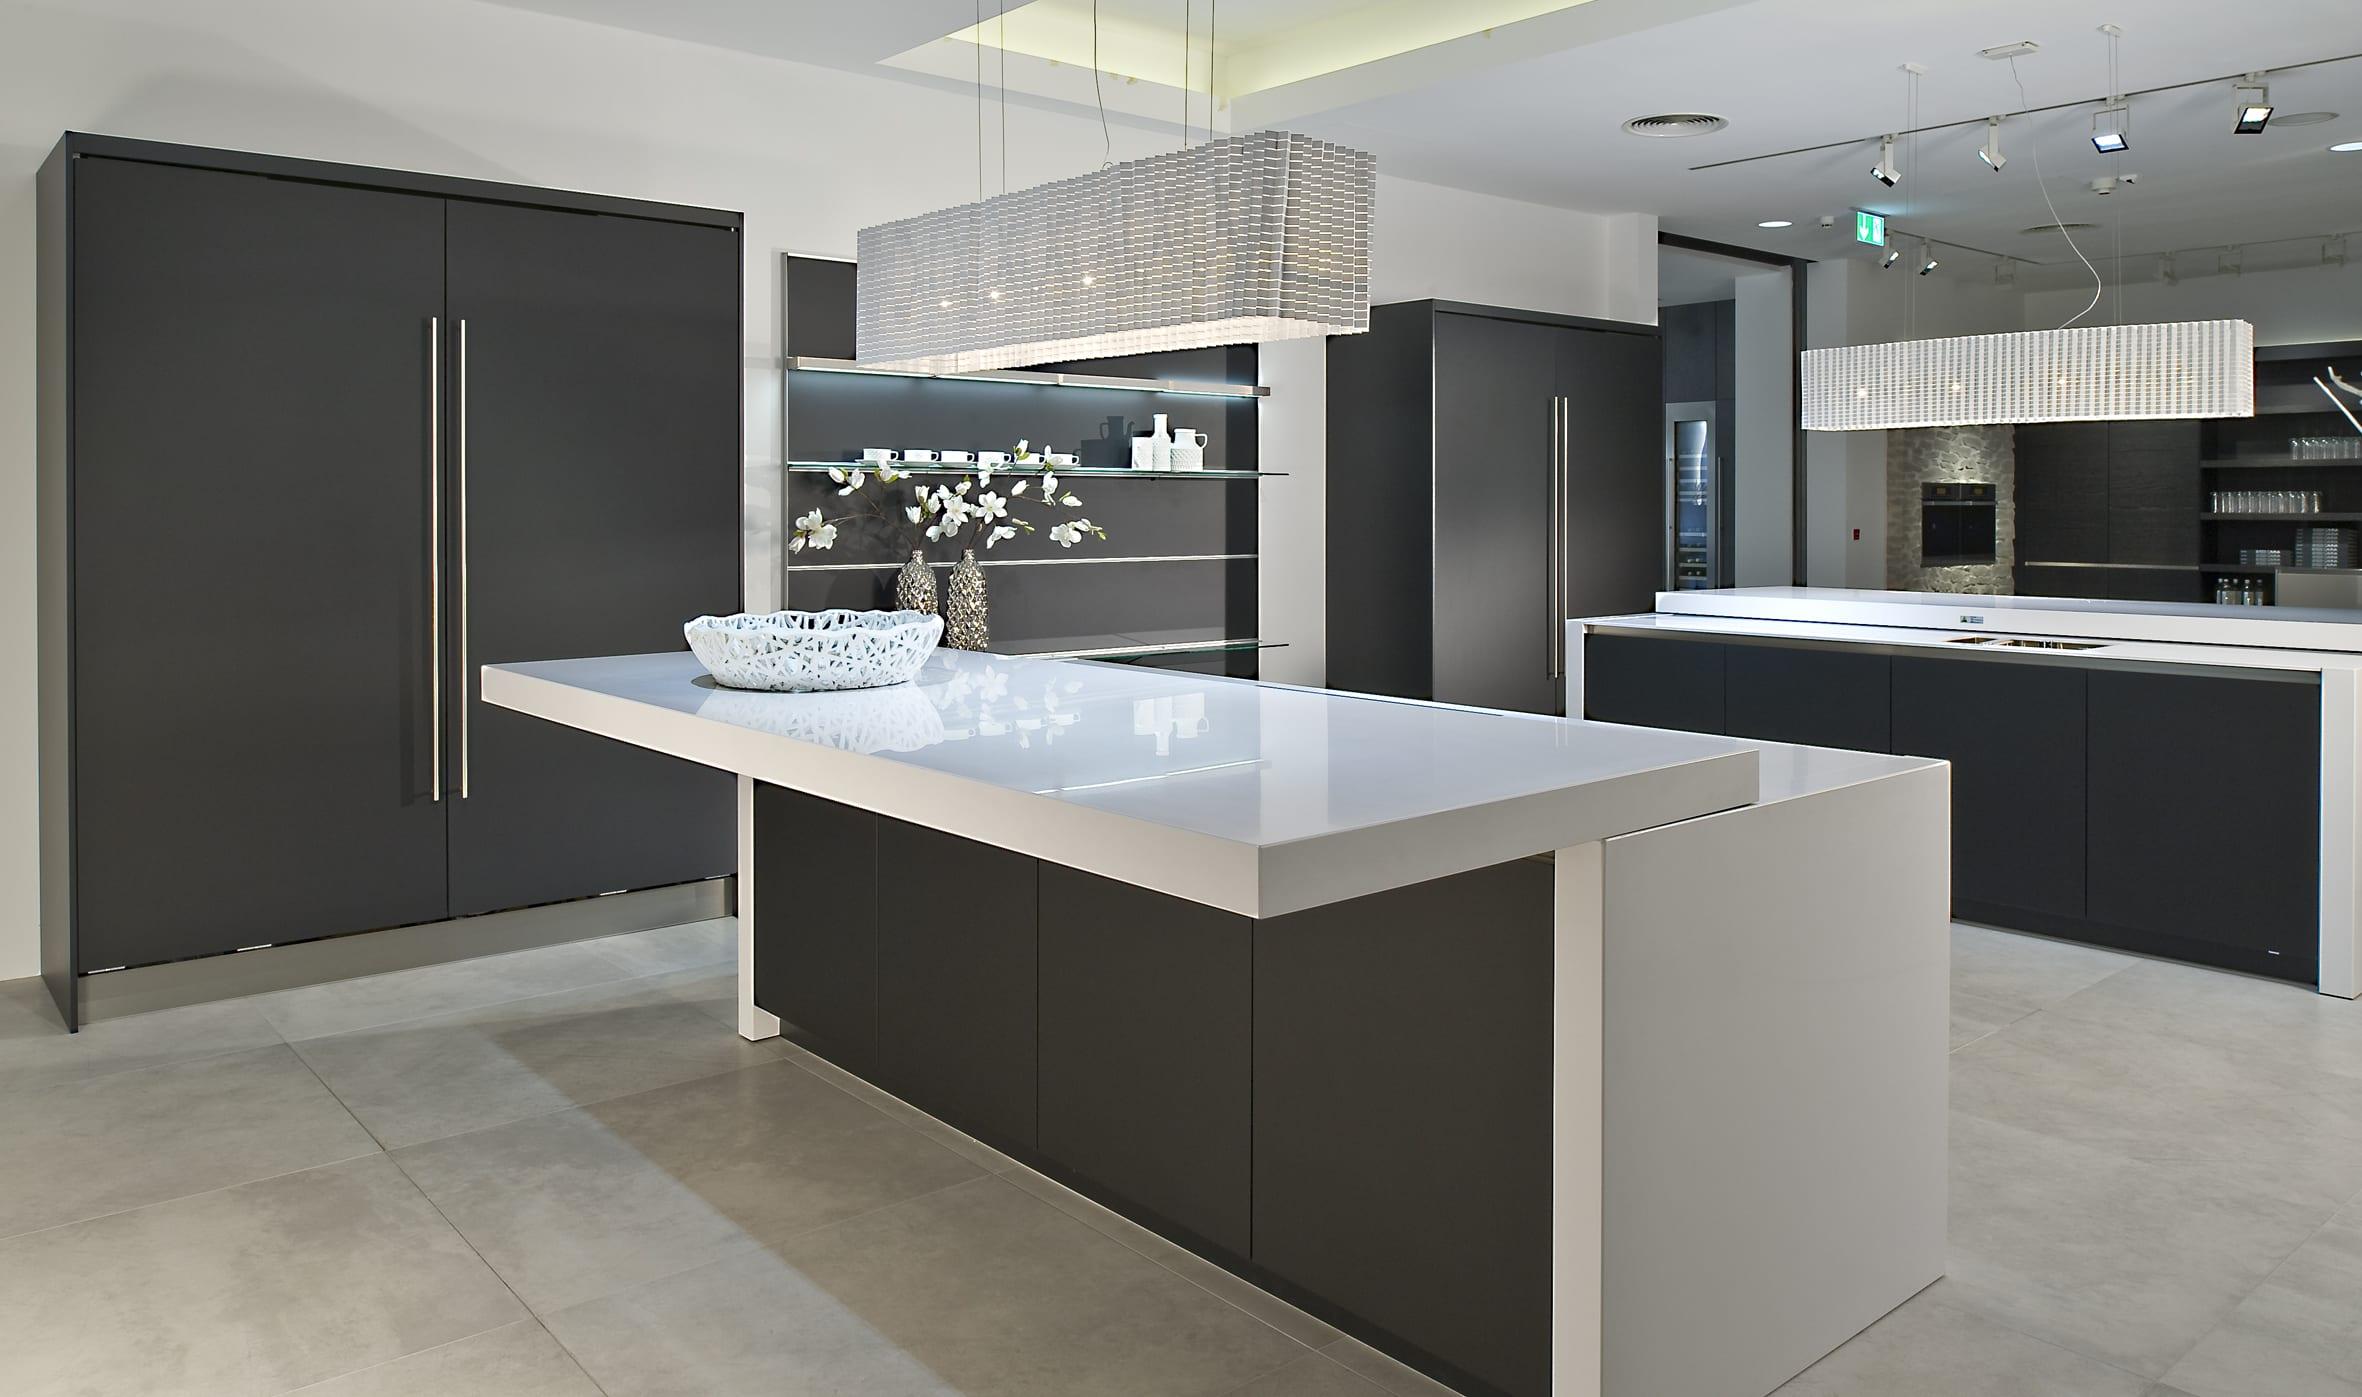 47 AV5095GL schwarz - Haus12, Newcastle